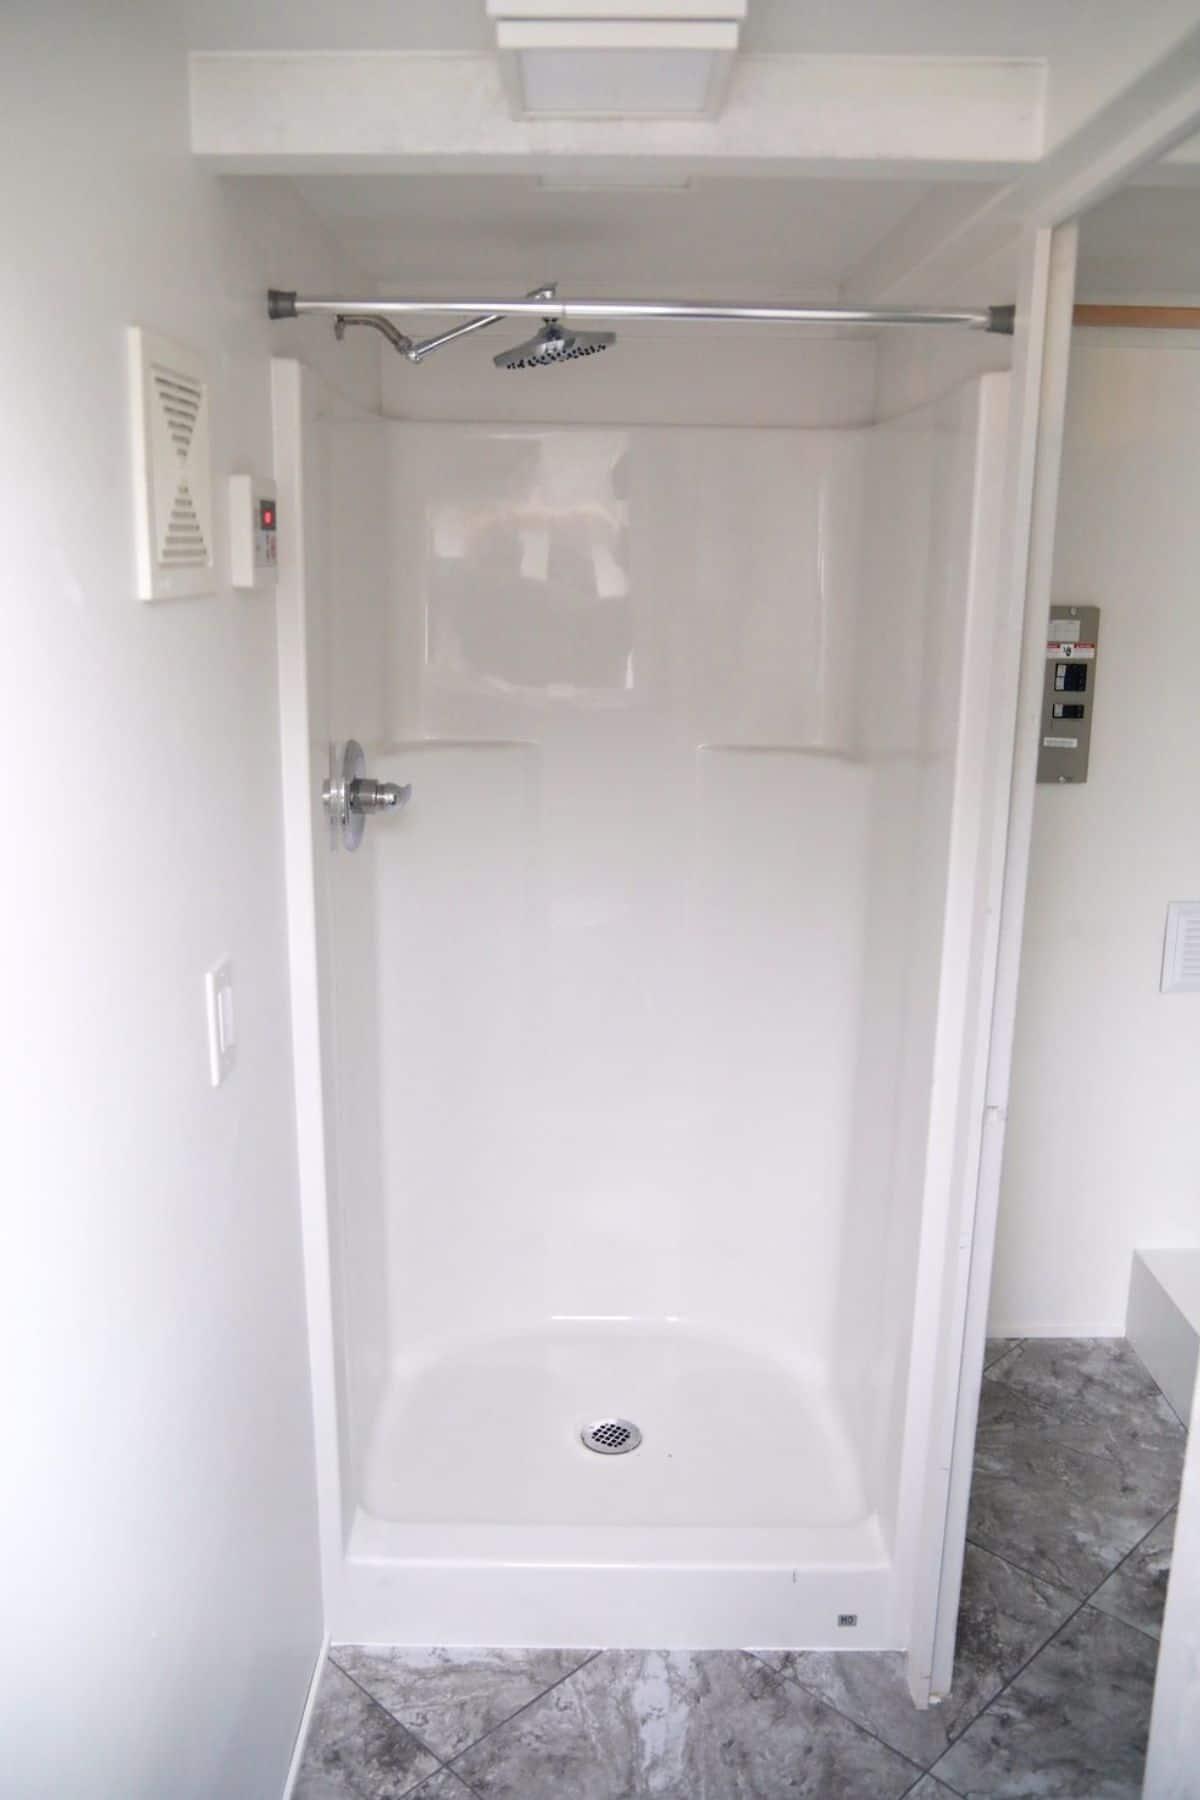 White shower insert with rainwater showerhead